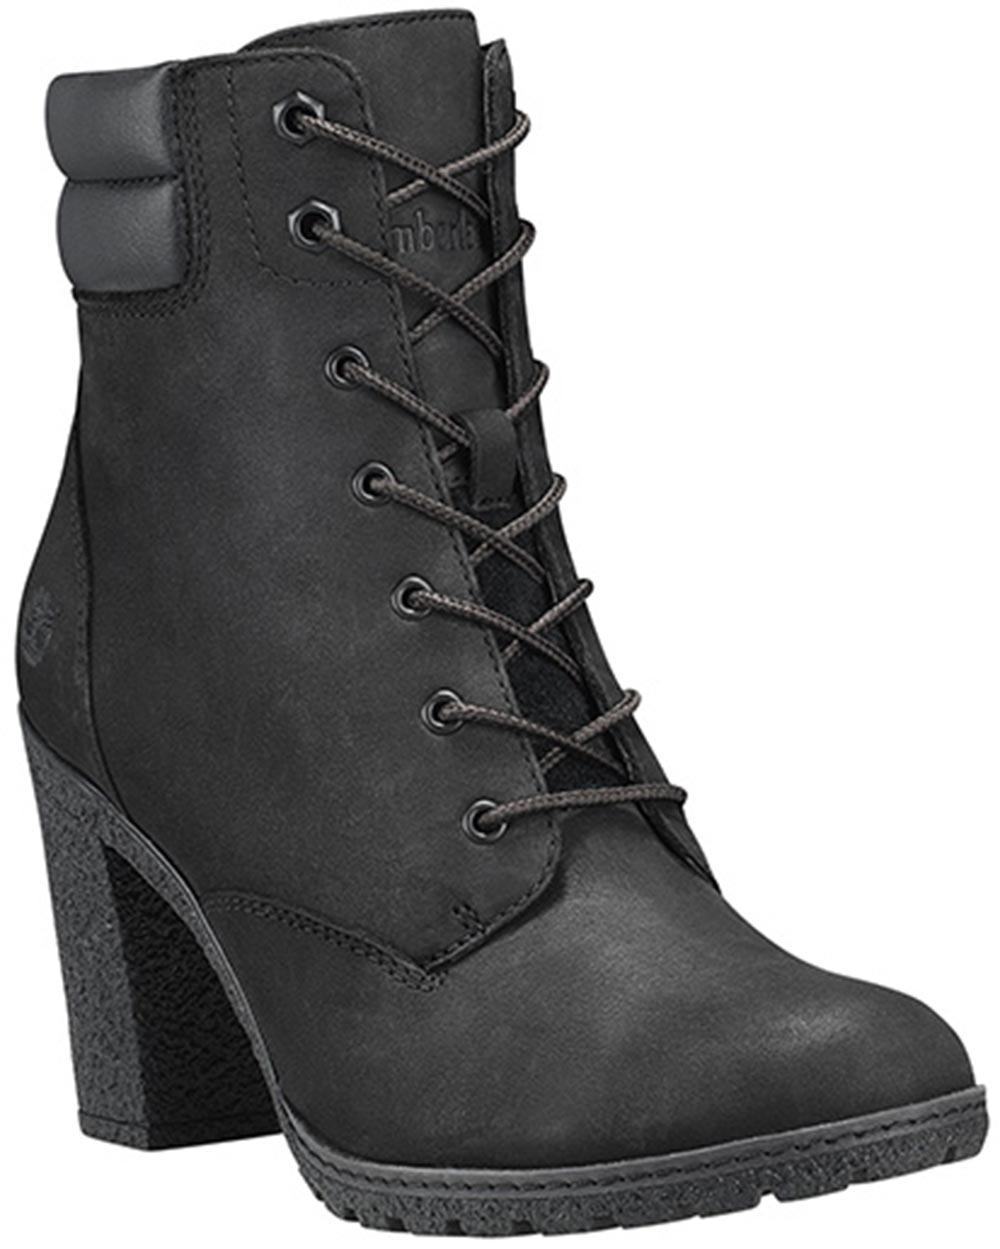 promo code 16098 13c96 Details zu Timberland Tillston Damen Stiefel Stiefeletten Boots Ca1h1i  Schwarz Neu